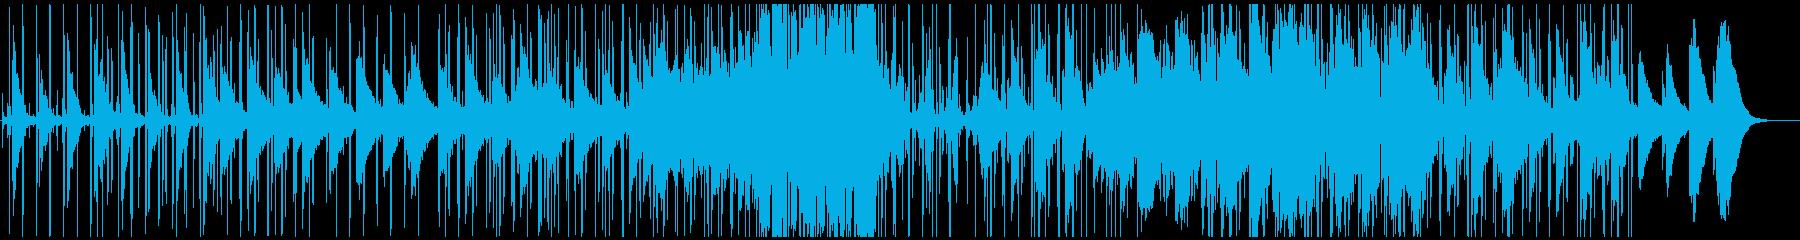 ピアノが幻想的なLo-Fi HipHopの再生済みの波形